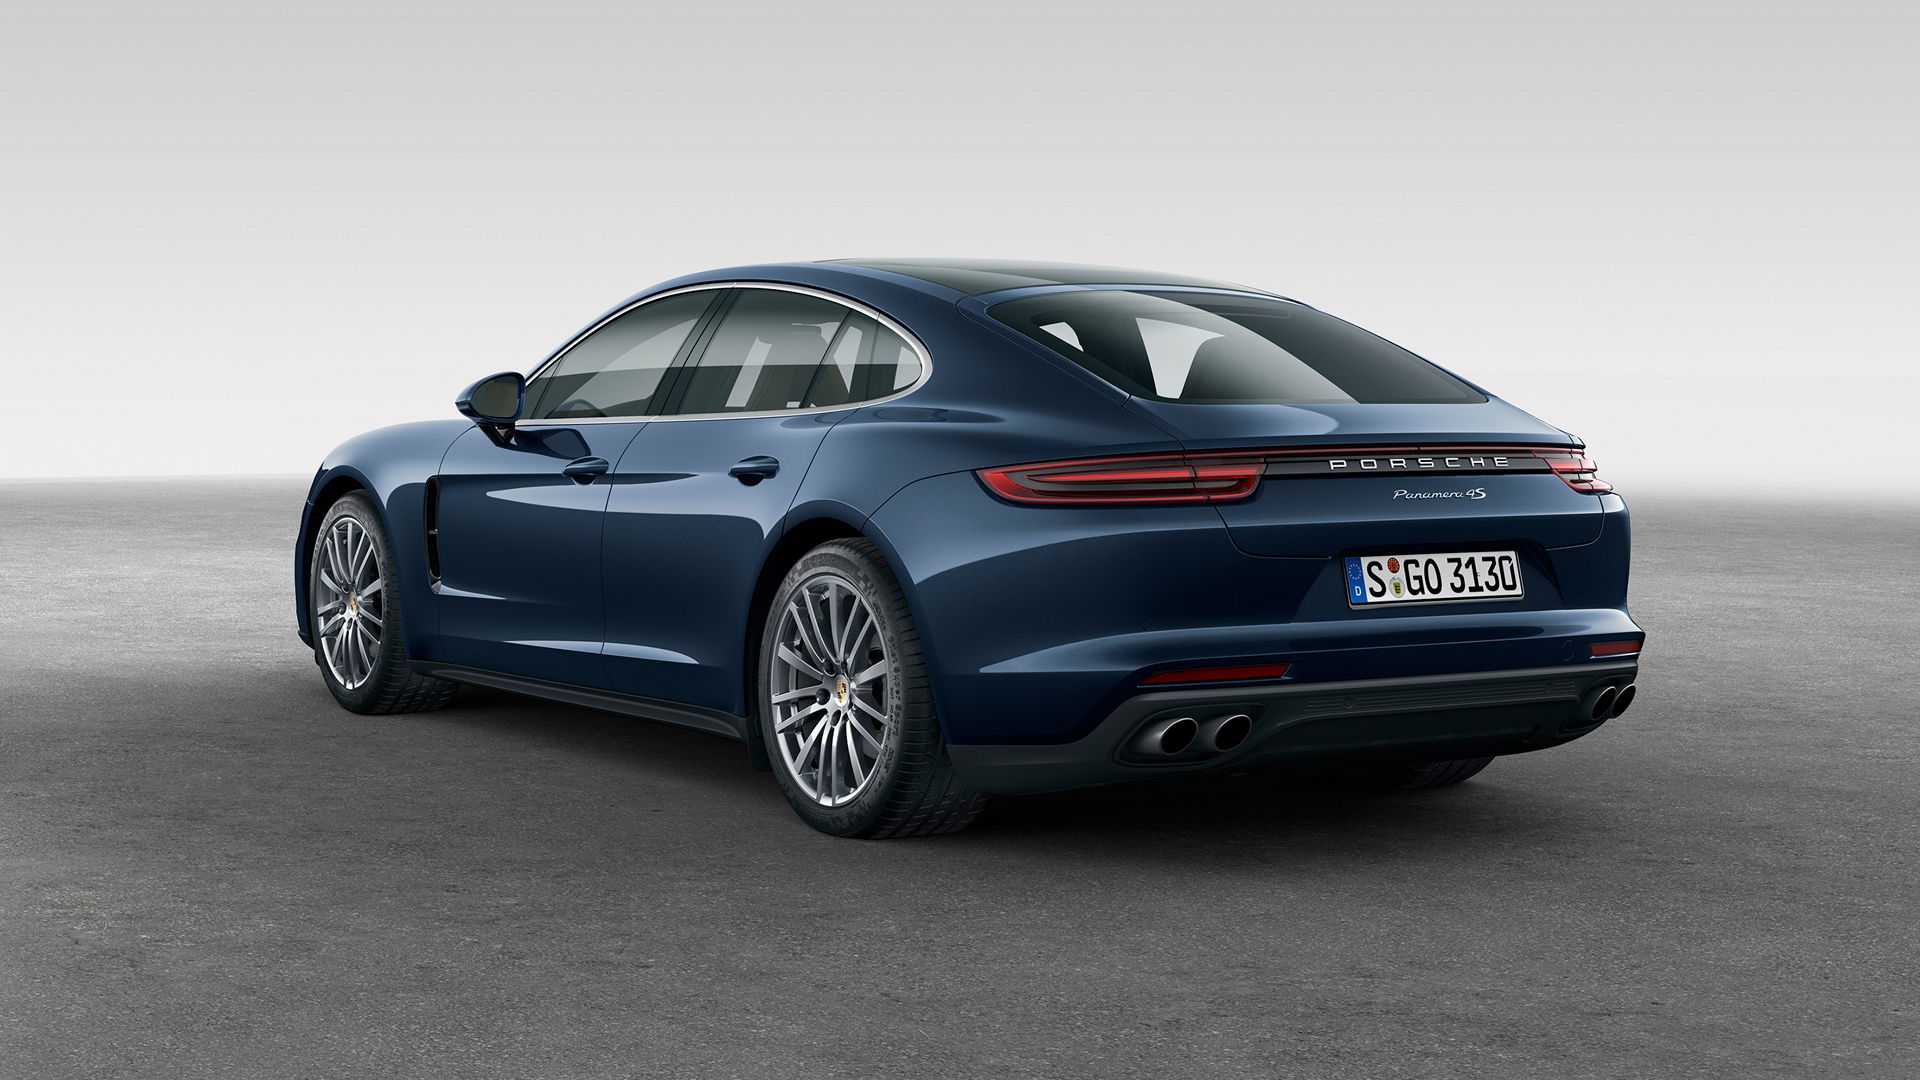 Porsche Panamera 4S Diesel © Dr. Ing. h.c. F. Porsche AG